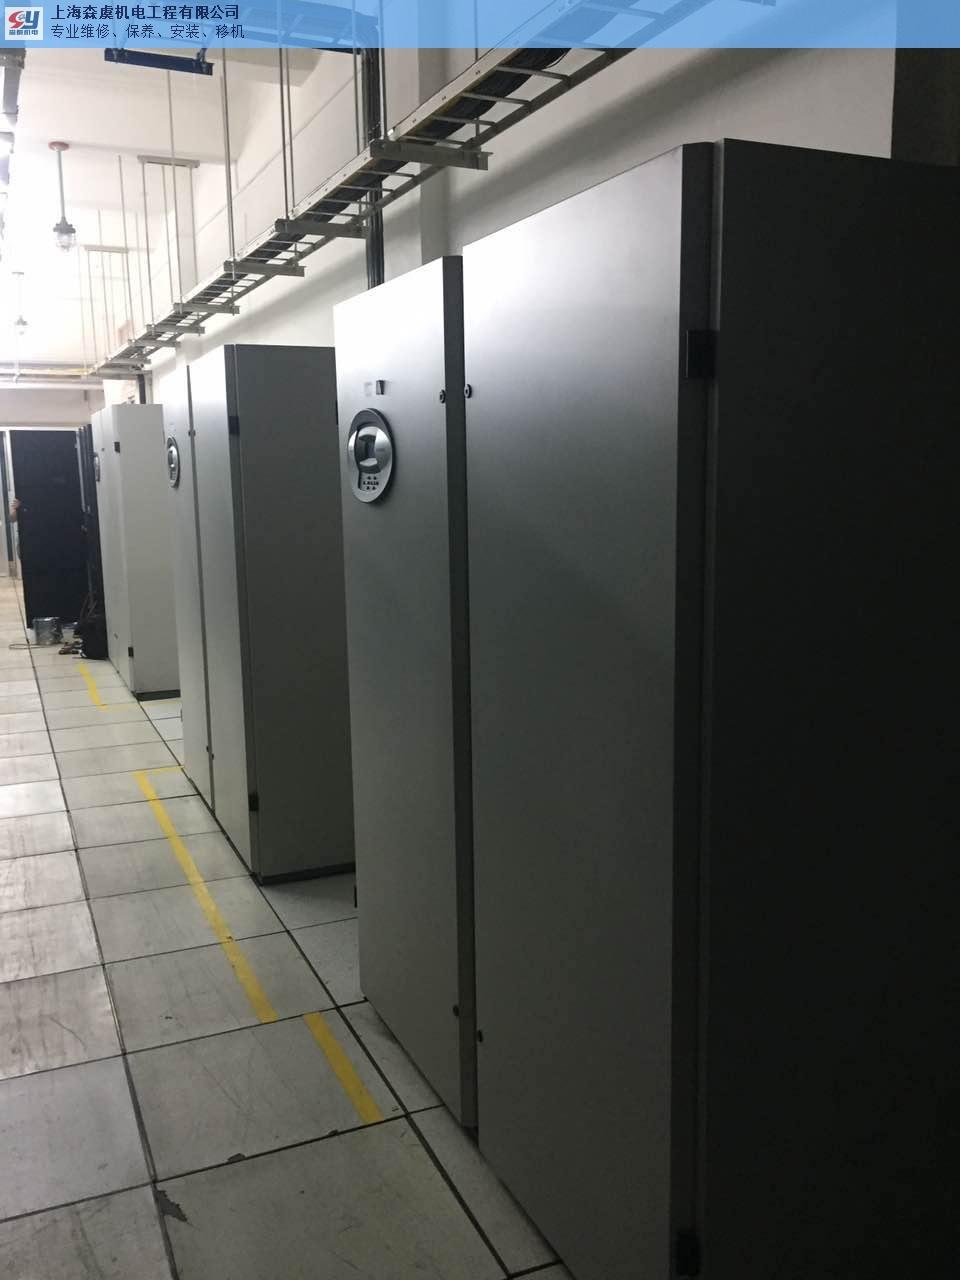 江苏艾默生基站空调维修维修电话 服务至上 上海森虞机电工程供应